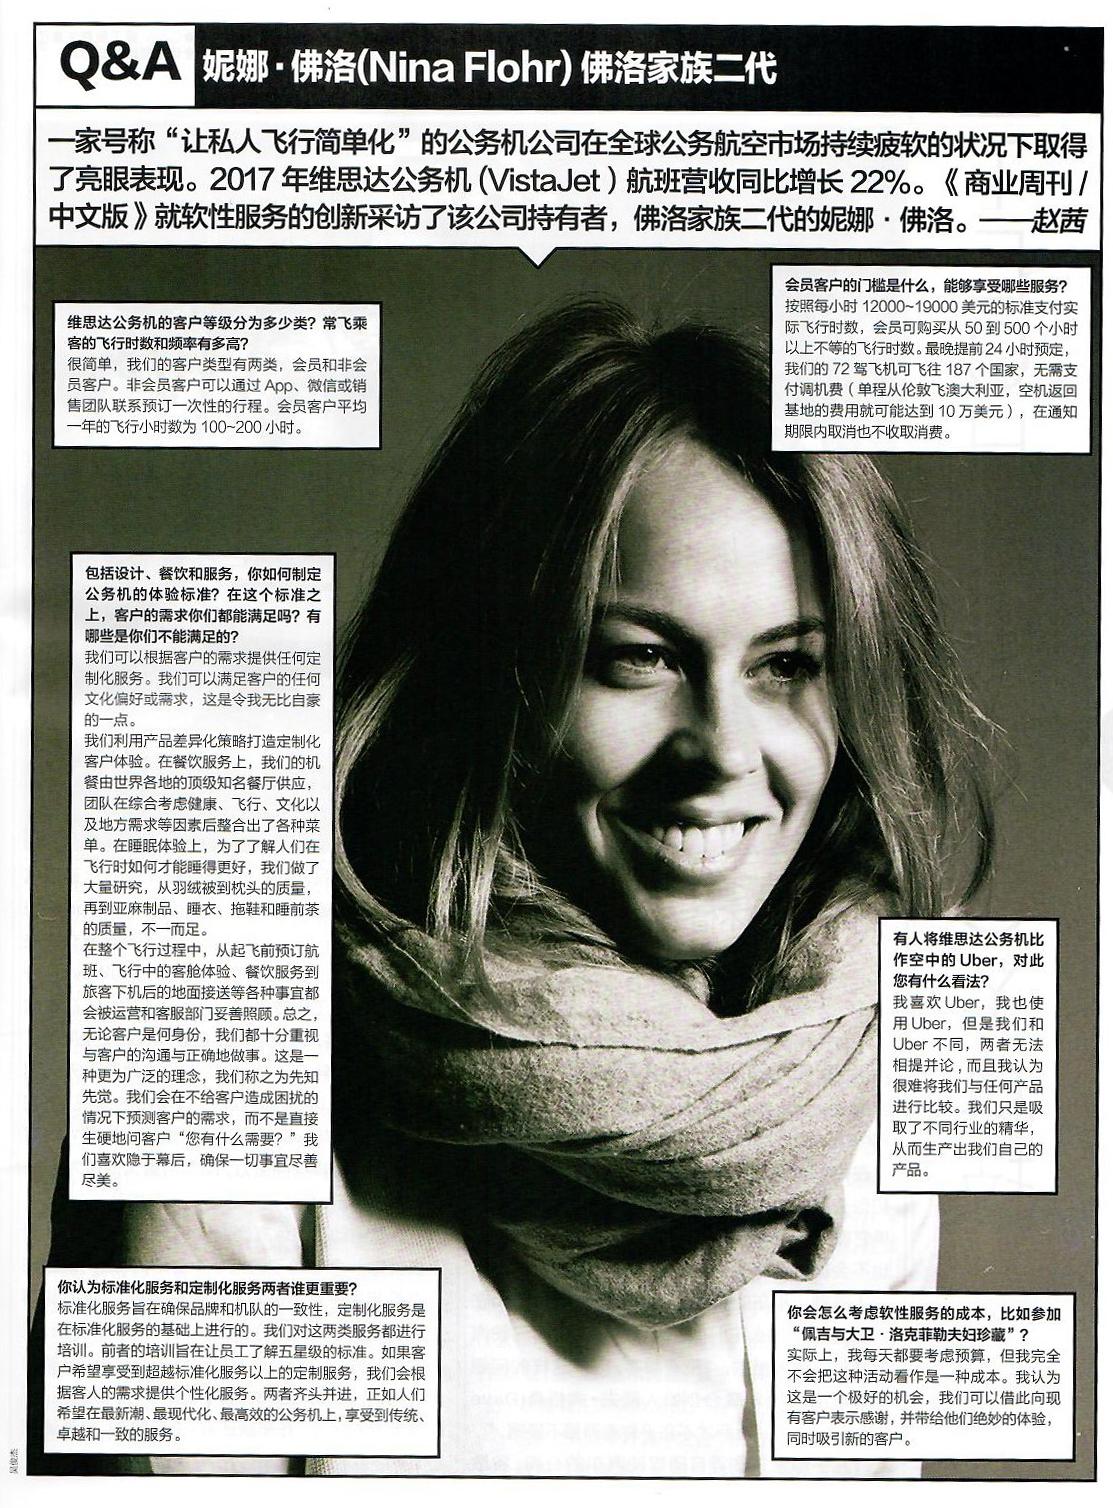 《商业周刊/中文版》专访